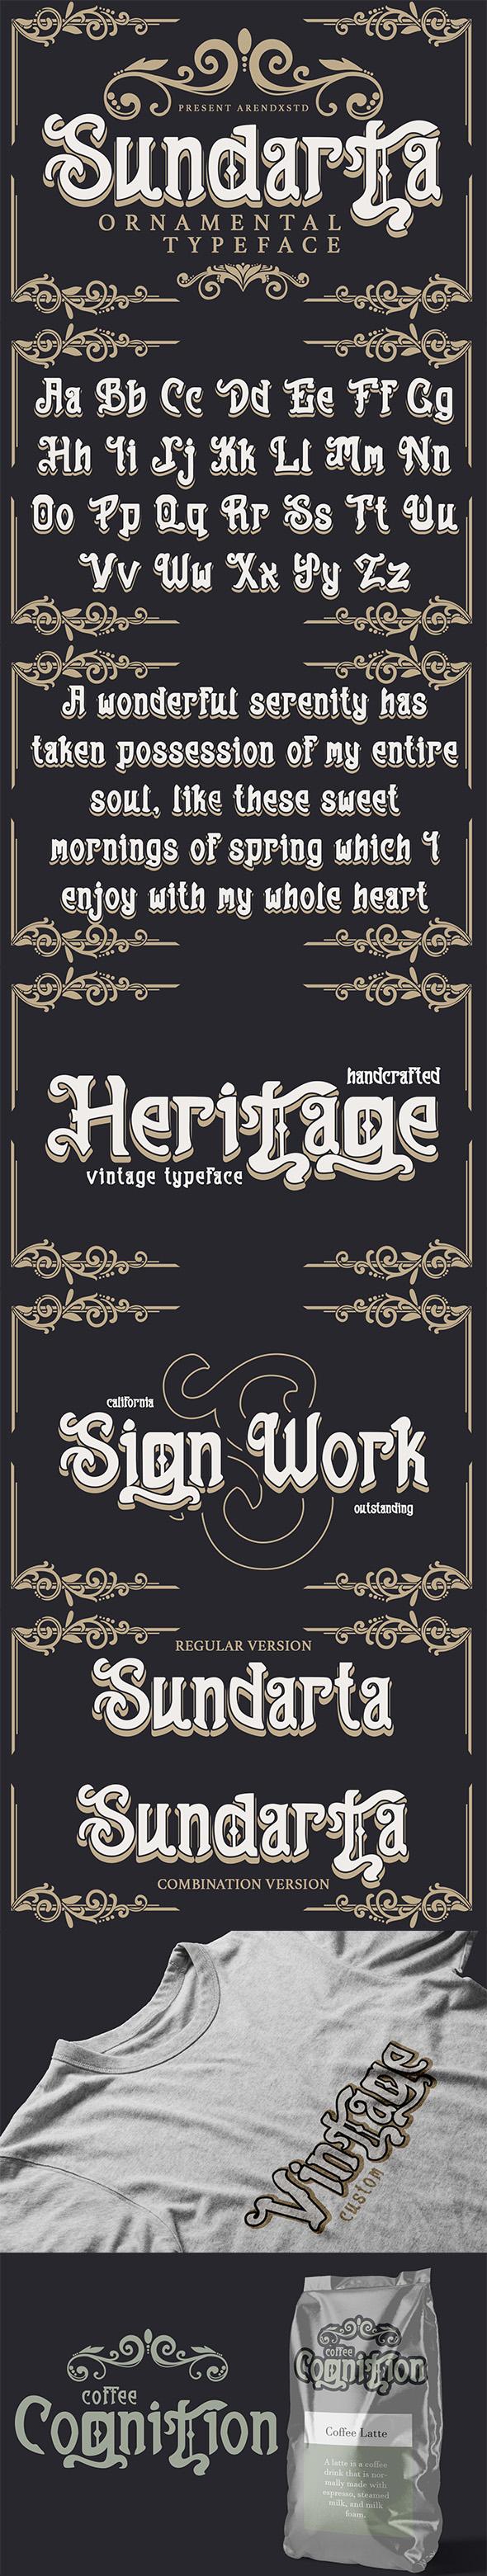 Sundarta | Vintage Typeface